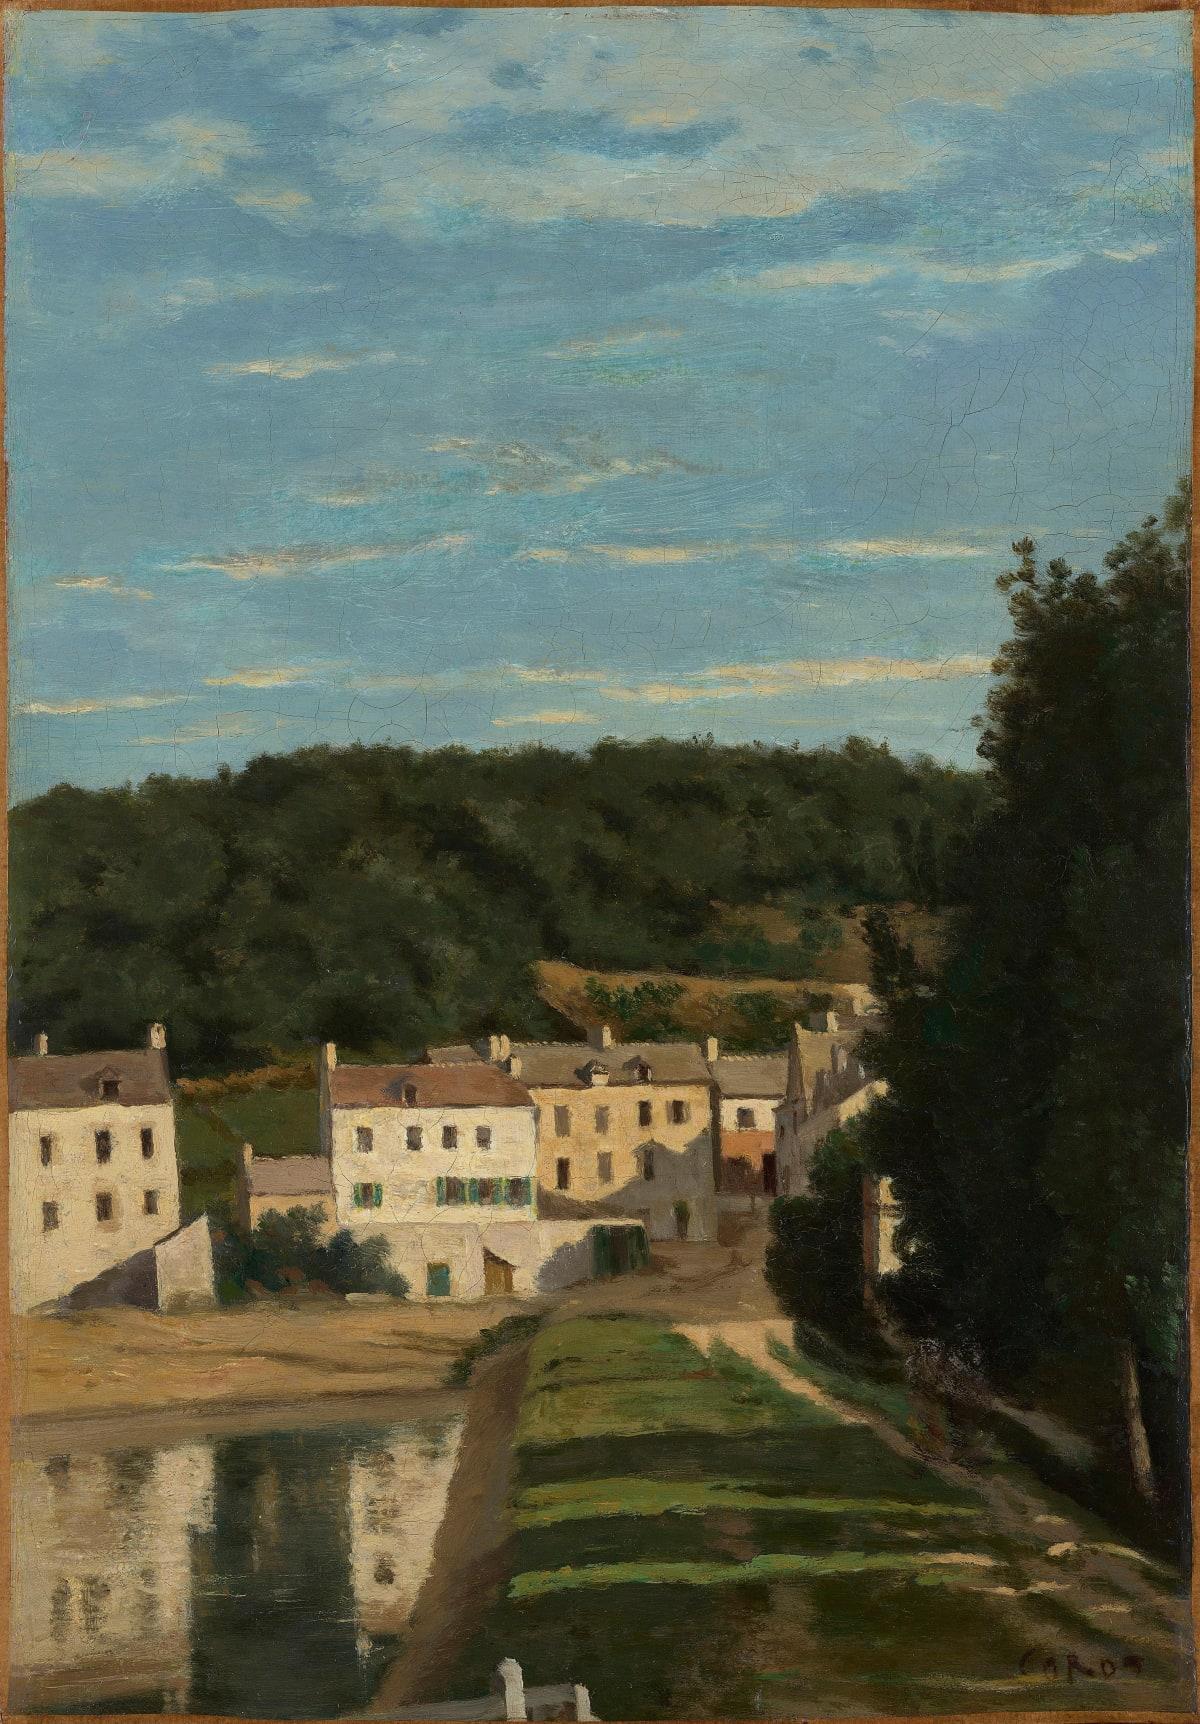 Jean Baptiste Camille Corot, Ville-d'Avray. Le chemin de Corot et les maisons Cabassud, c.1840-1845